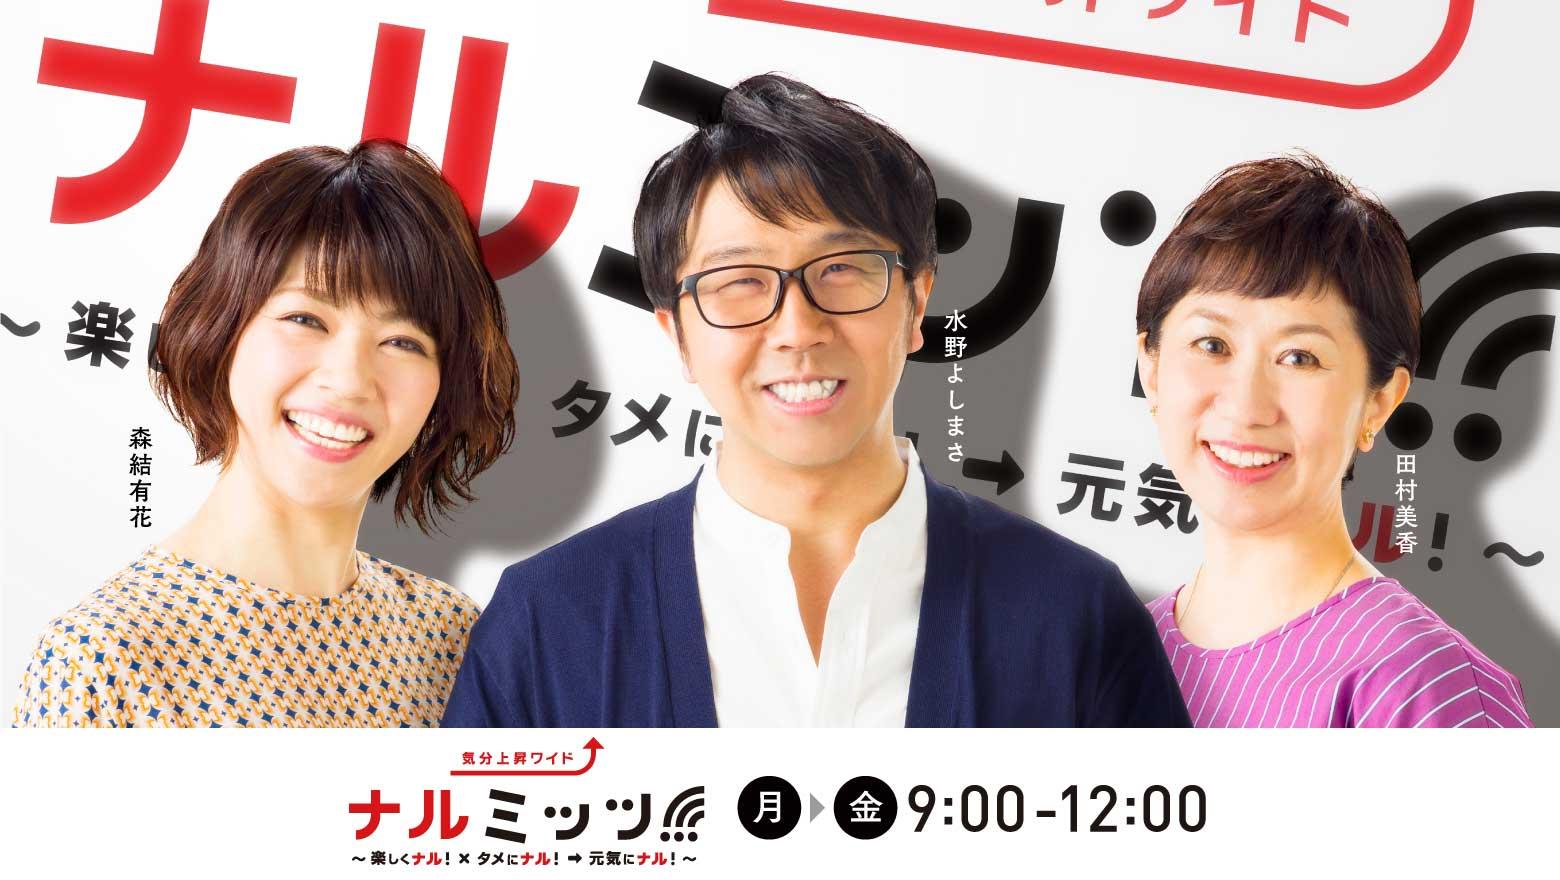 ラジオ|HBC北海道放送